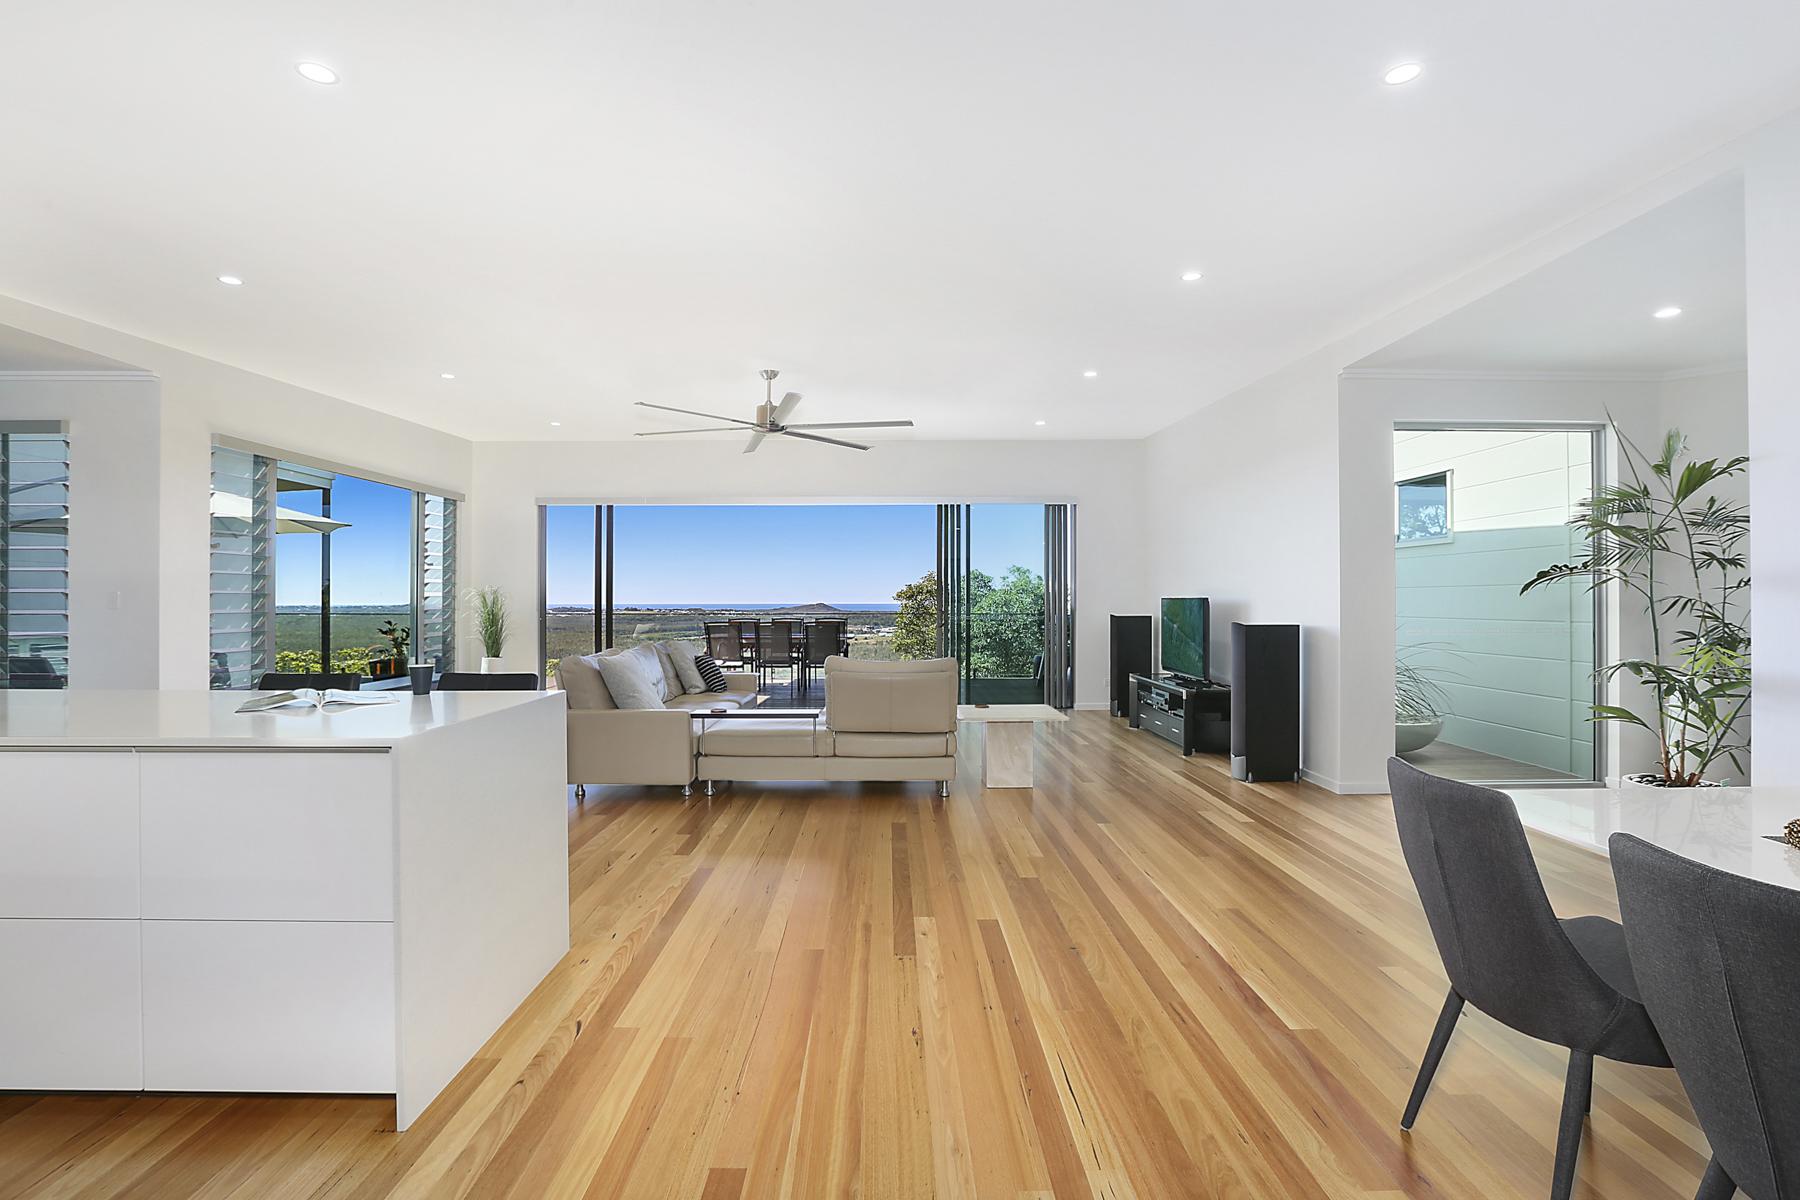 Quality designer home showcasing spectacular views